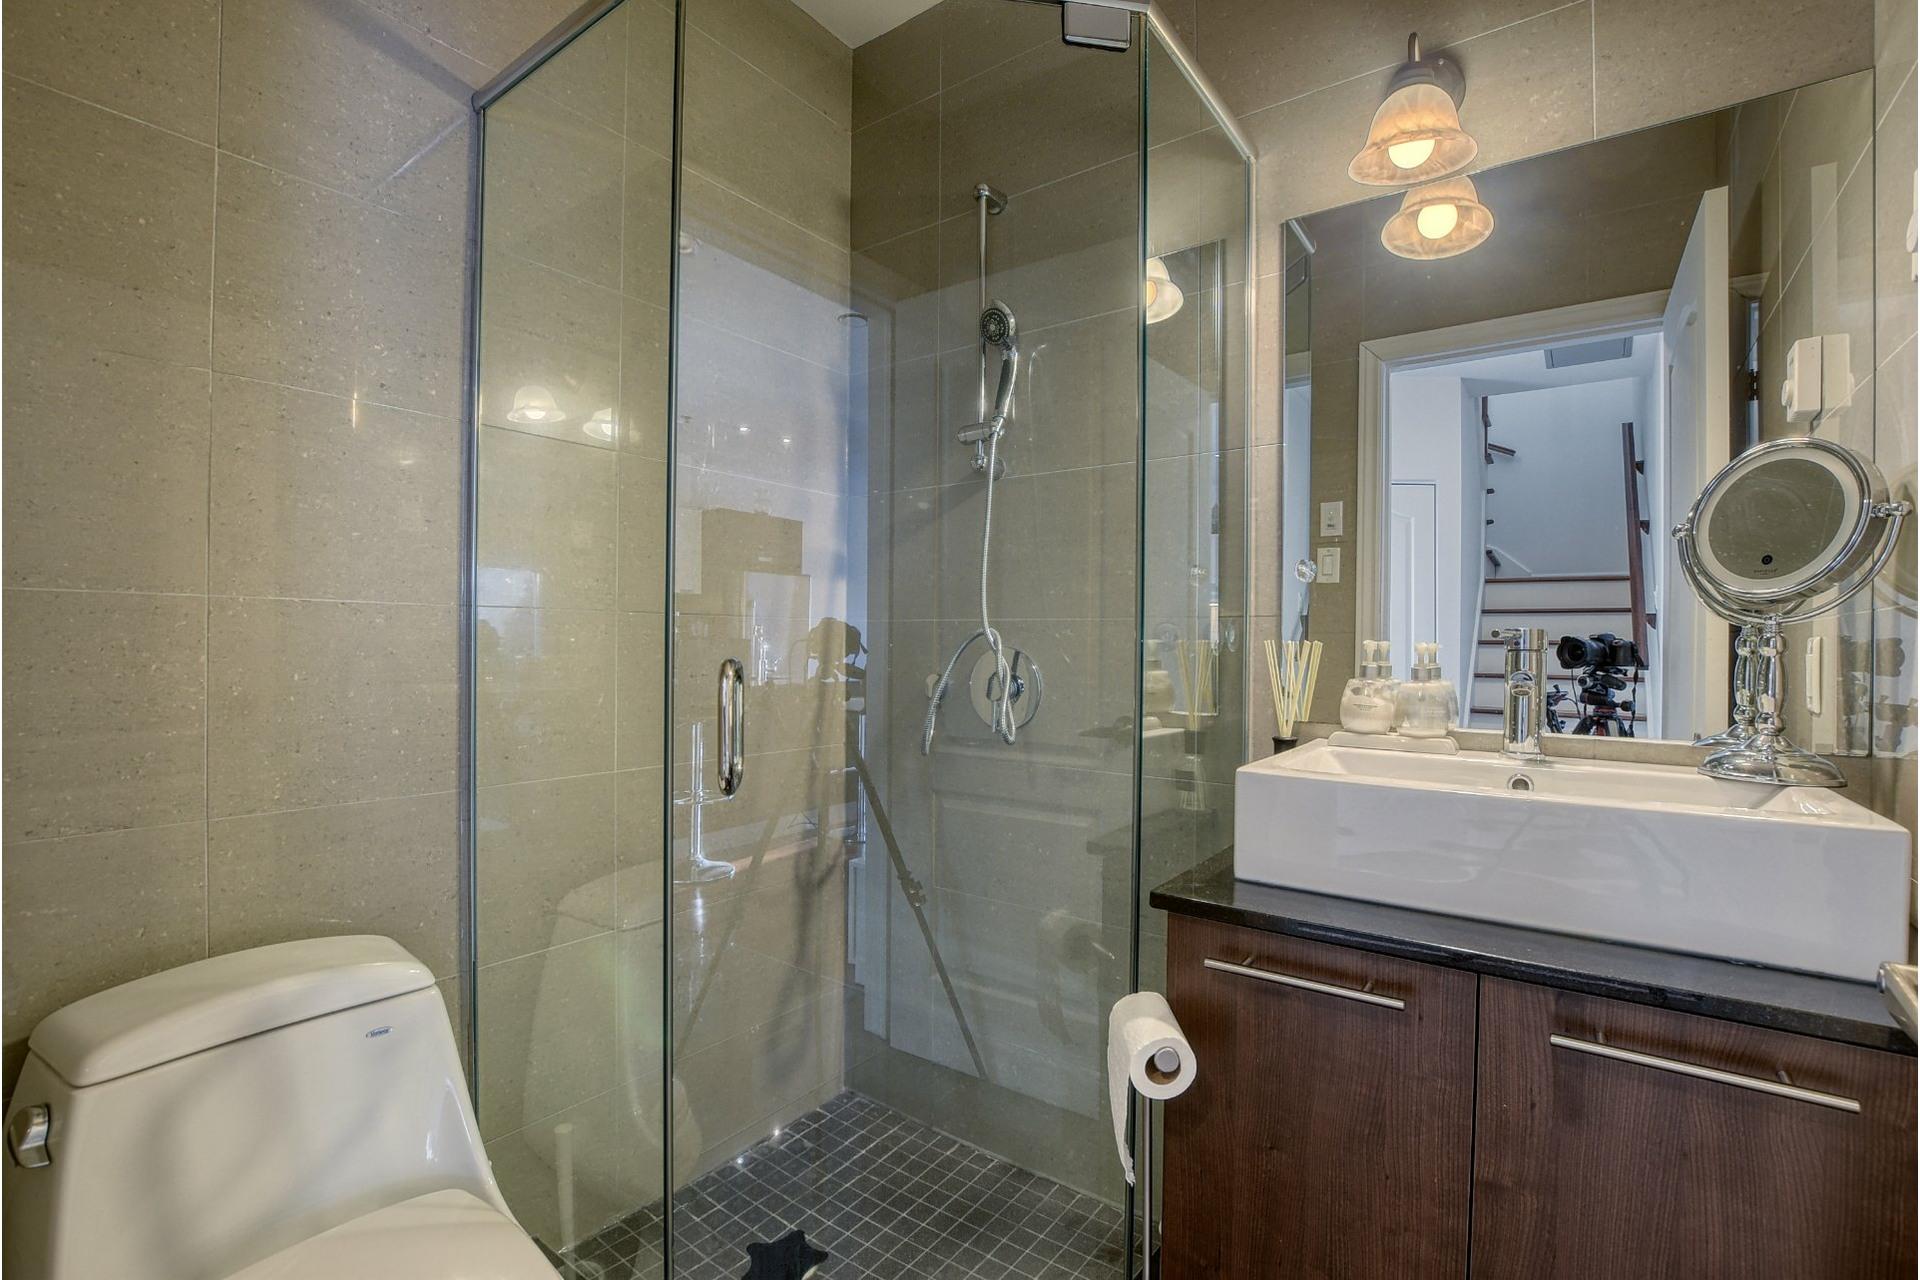 image 9 - Apartment For sale Saint-Laurent Montréal  - 7 rooms